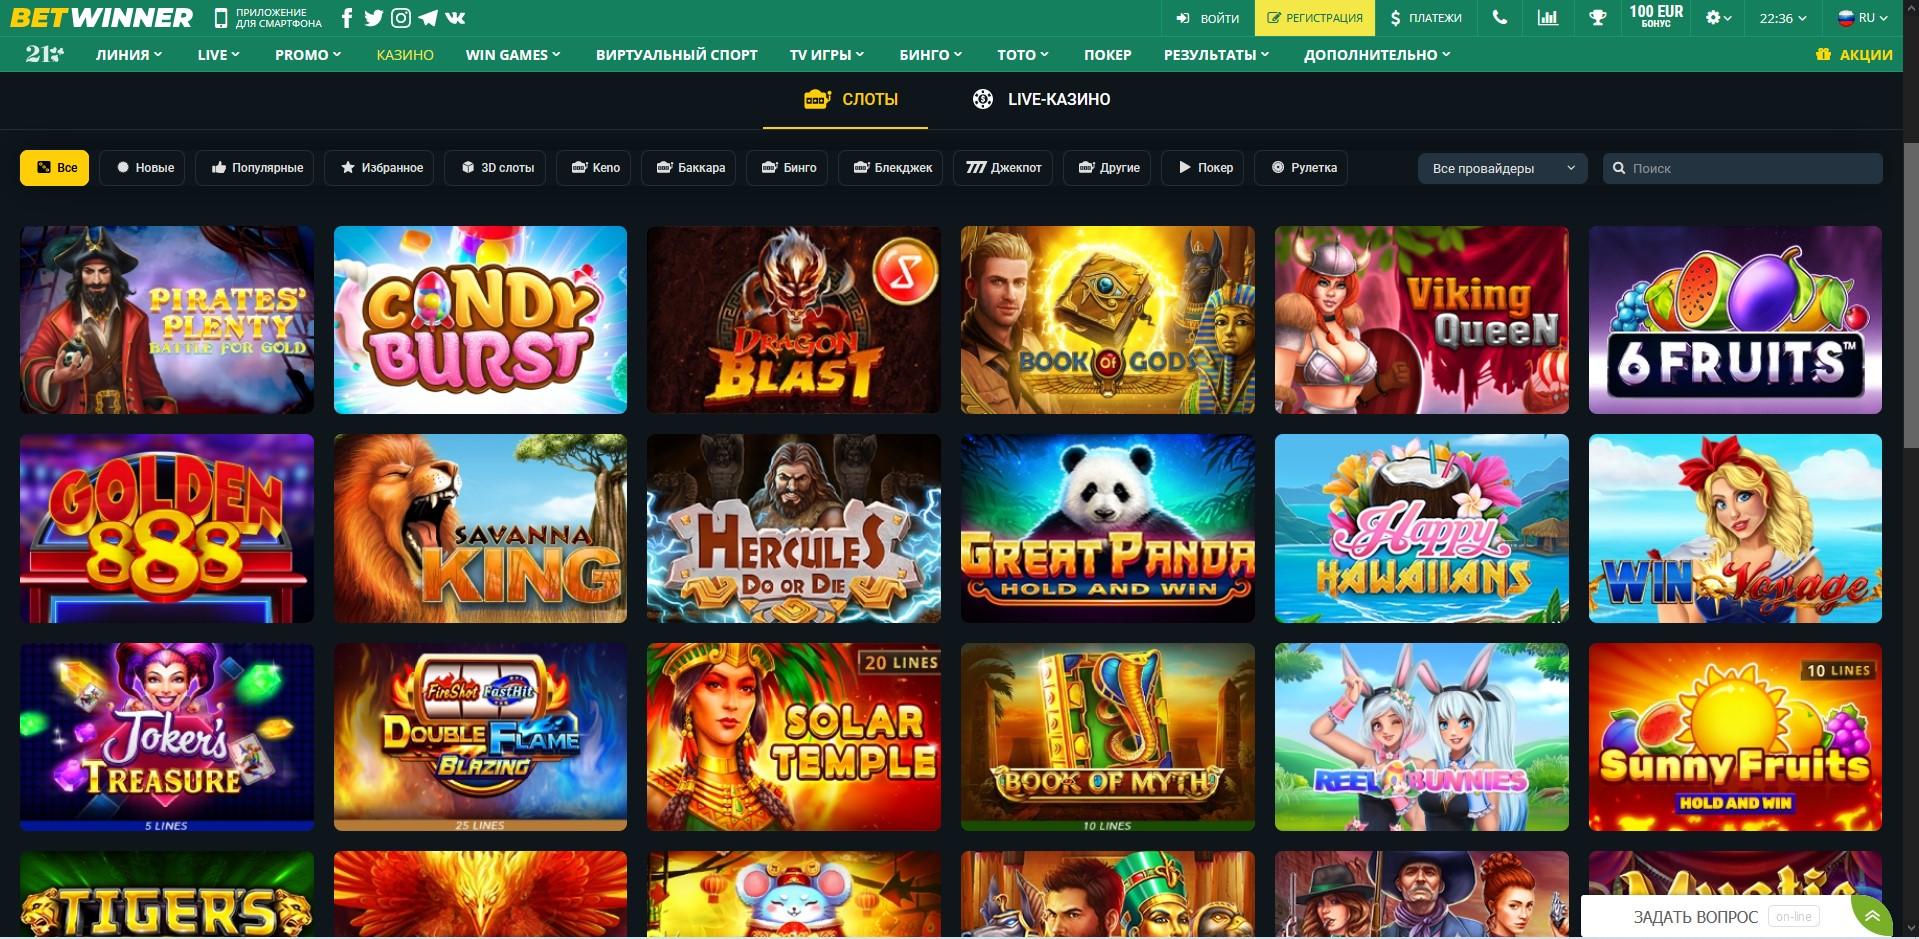 Betwinner Casino slots